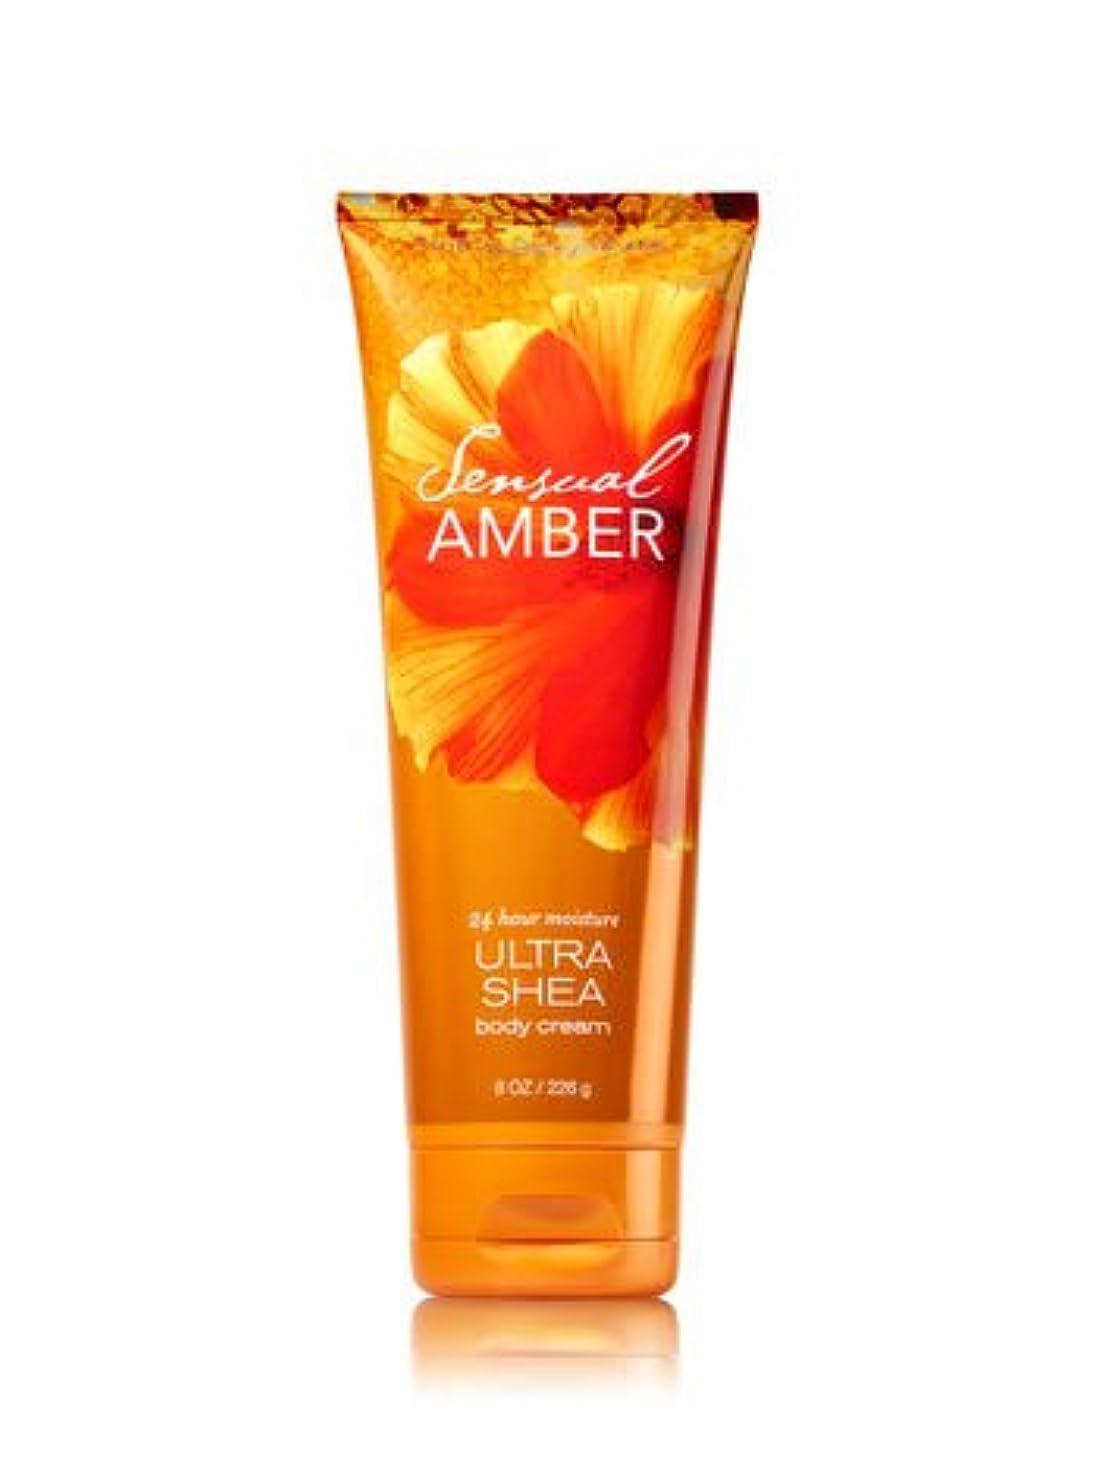 それぞれ令状文芸Bath & Body Works バスアンドボディワークス ボディクリーム 並行輸入 (Sensual Amber)